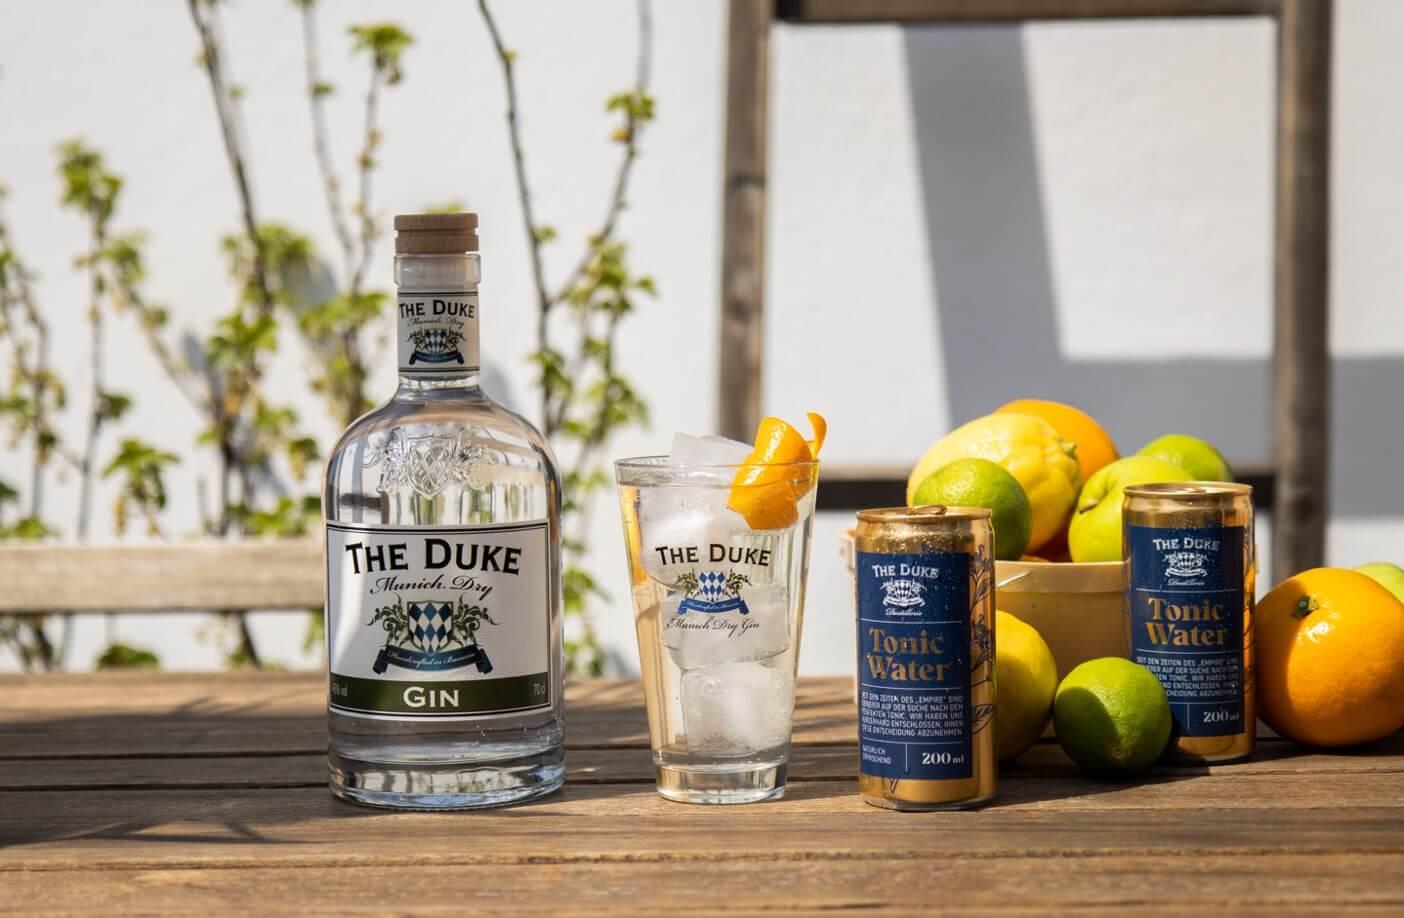 Gin & Tonic mit THE DUKE Tonic Water und Munich Dry Gin